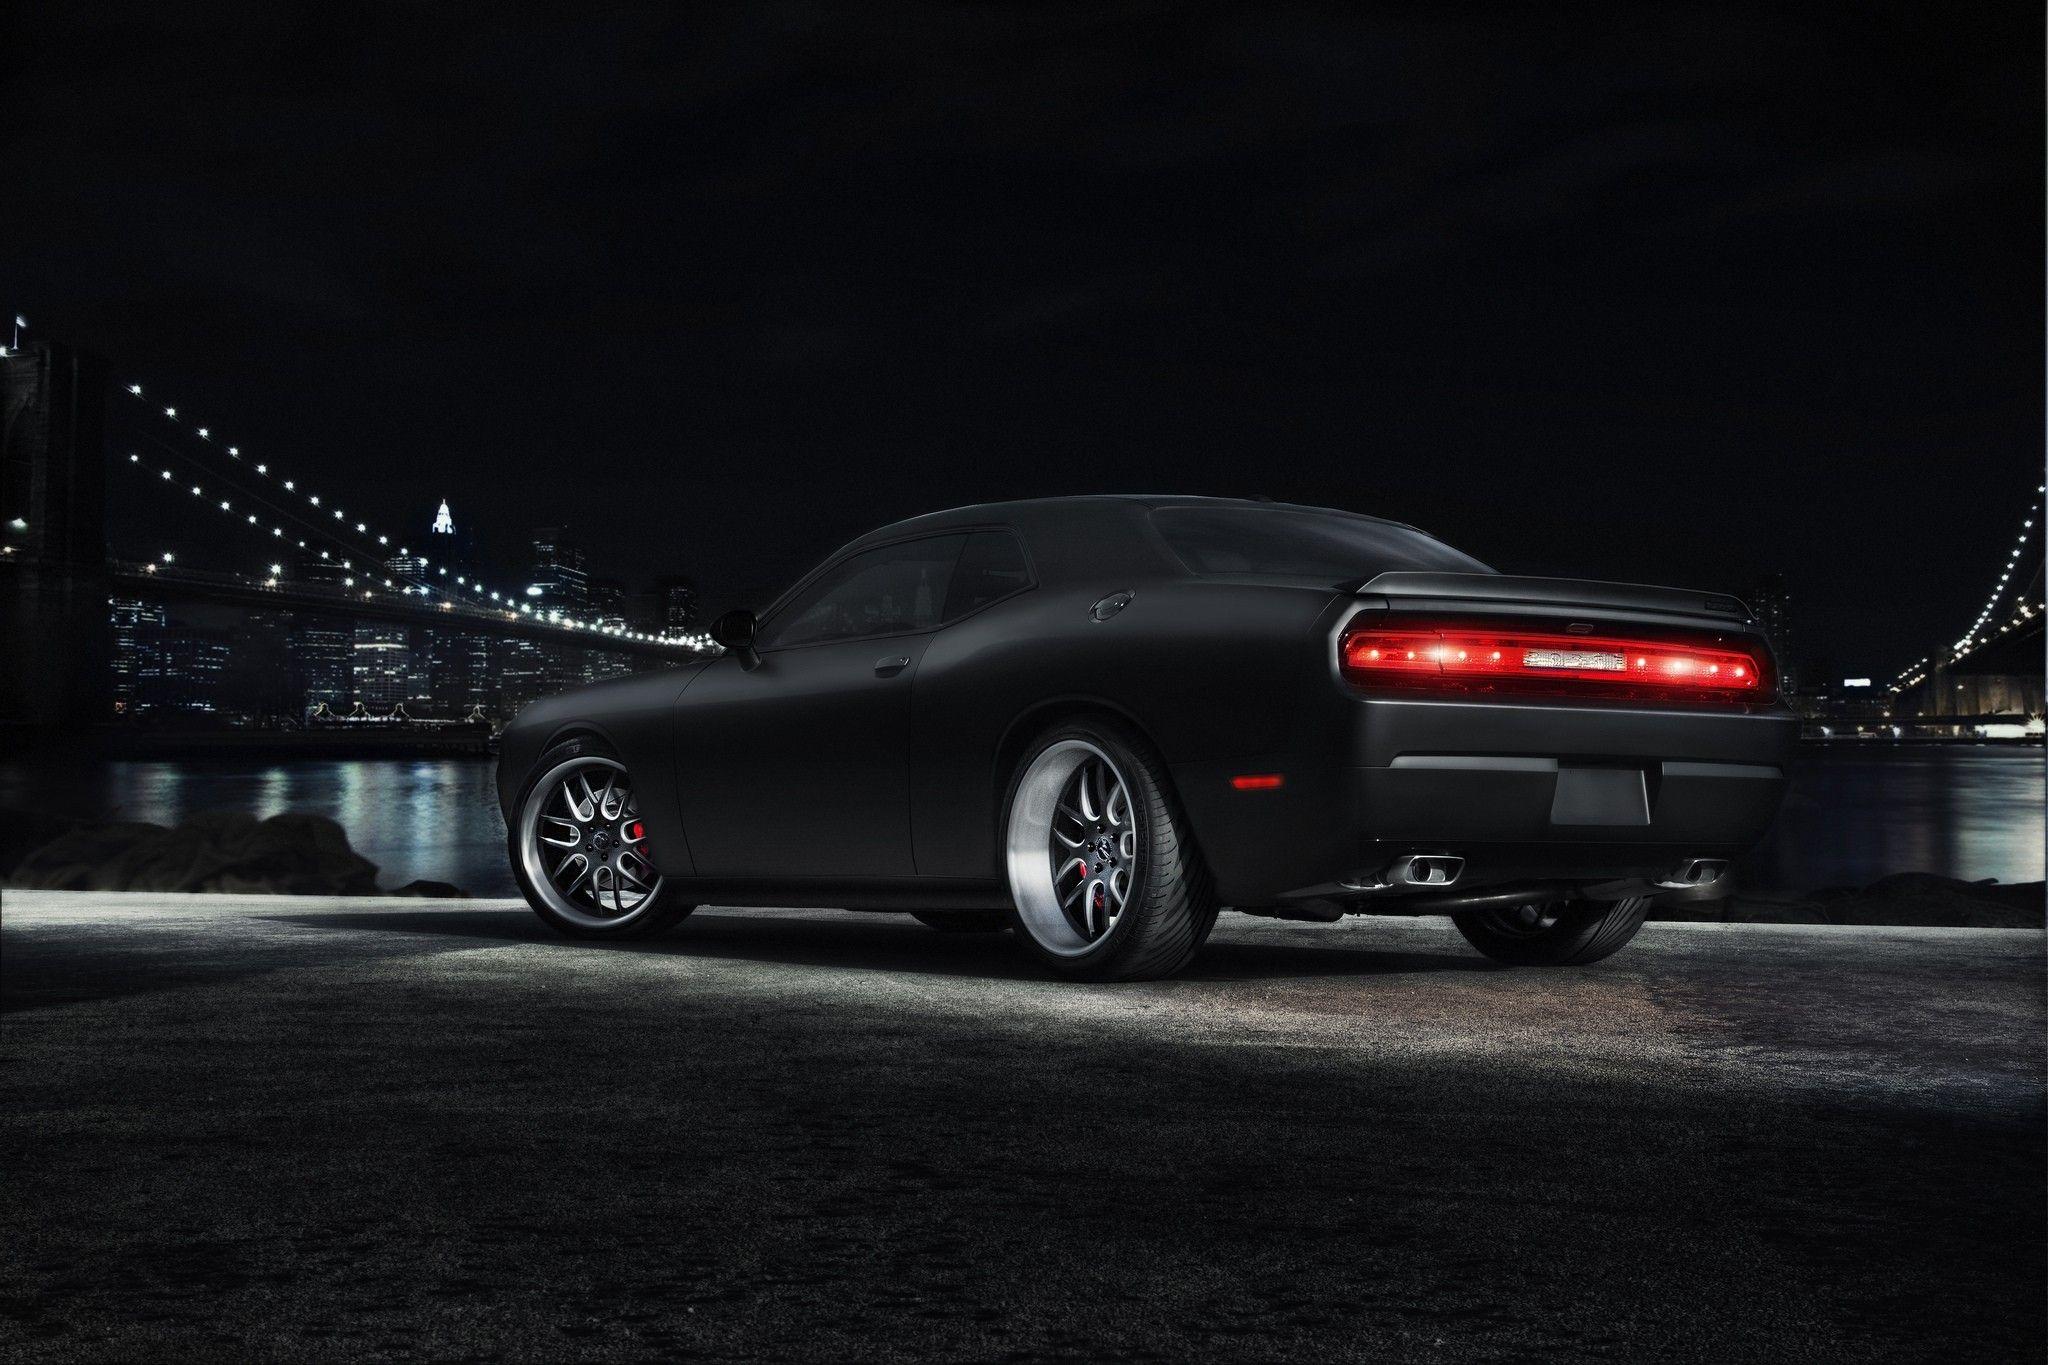 Dodge Challenger Black Muscle Car Bridge City Metropolis